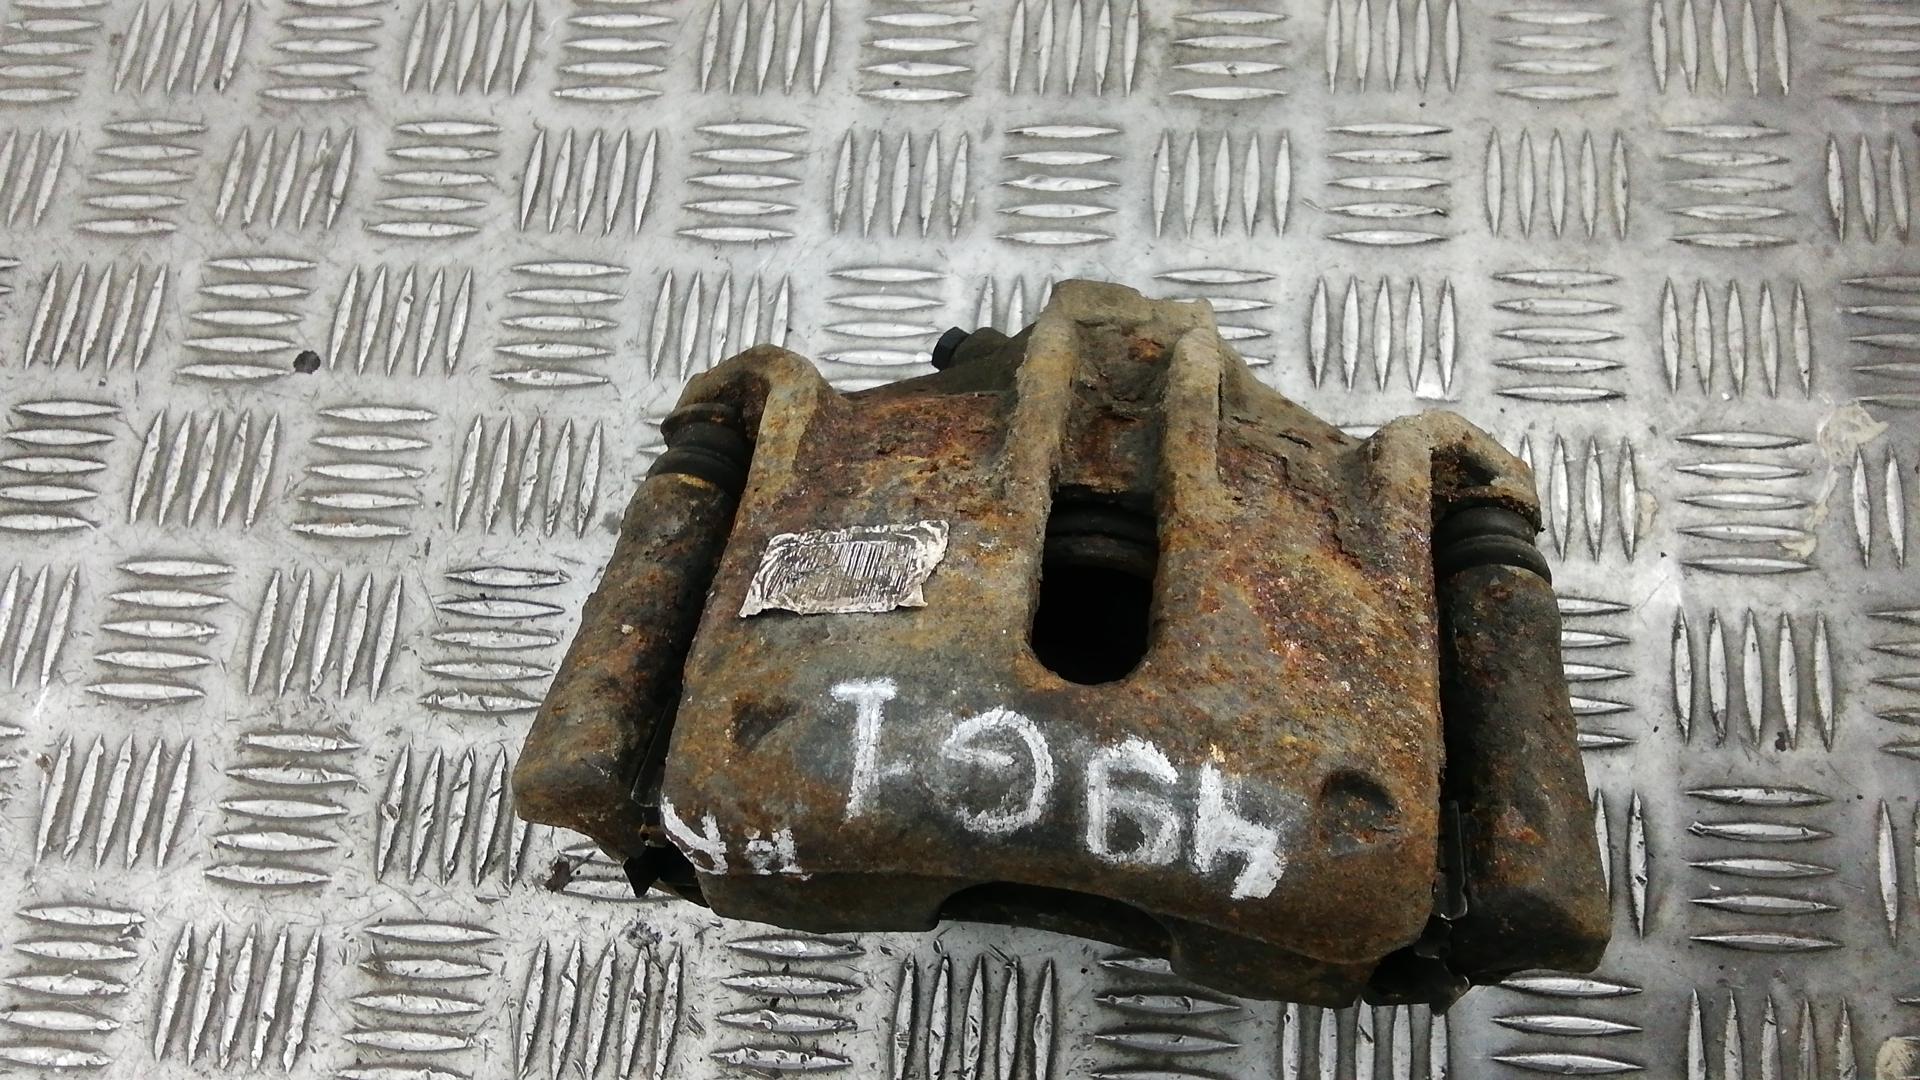 Суппорт тормозной передний правый, PEUGEOT, 207, 2009